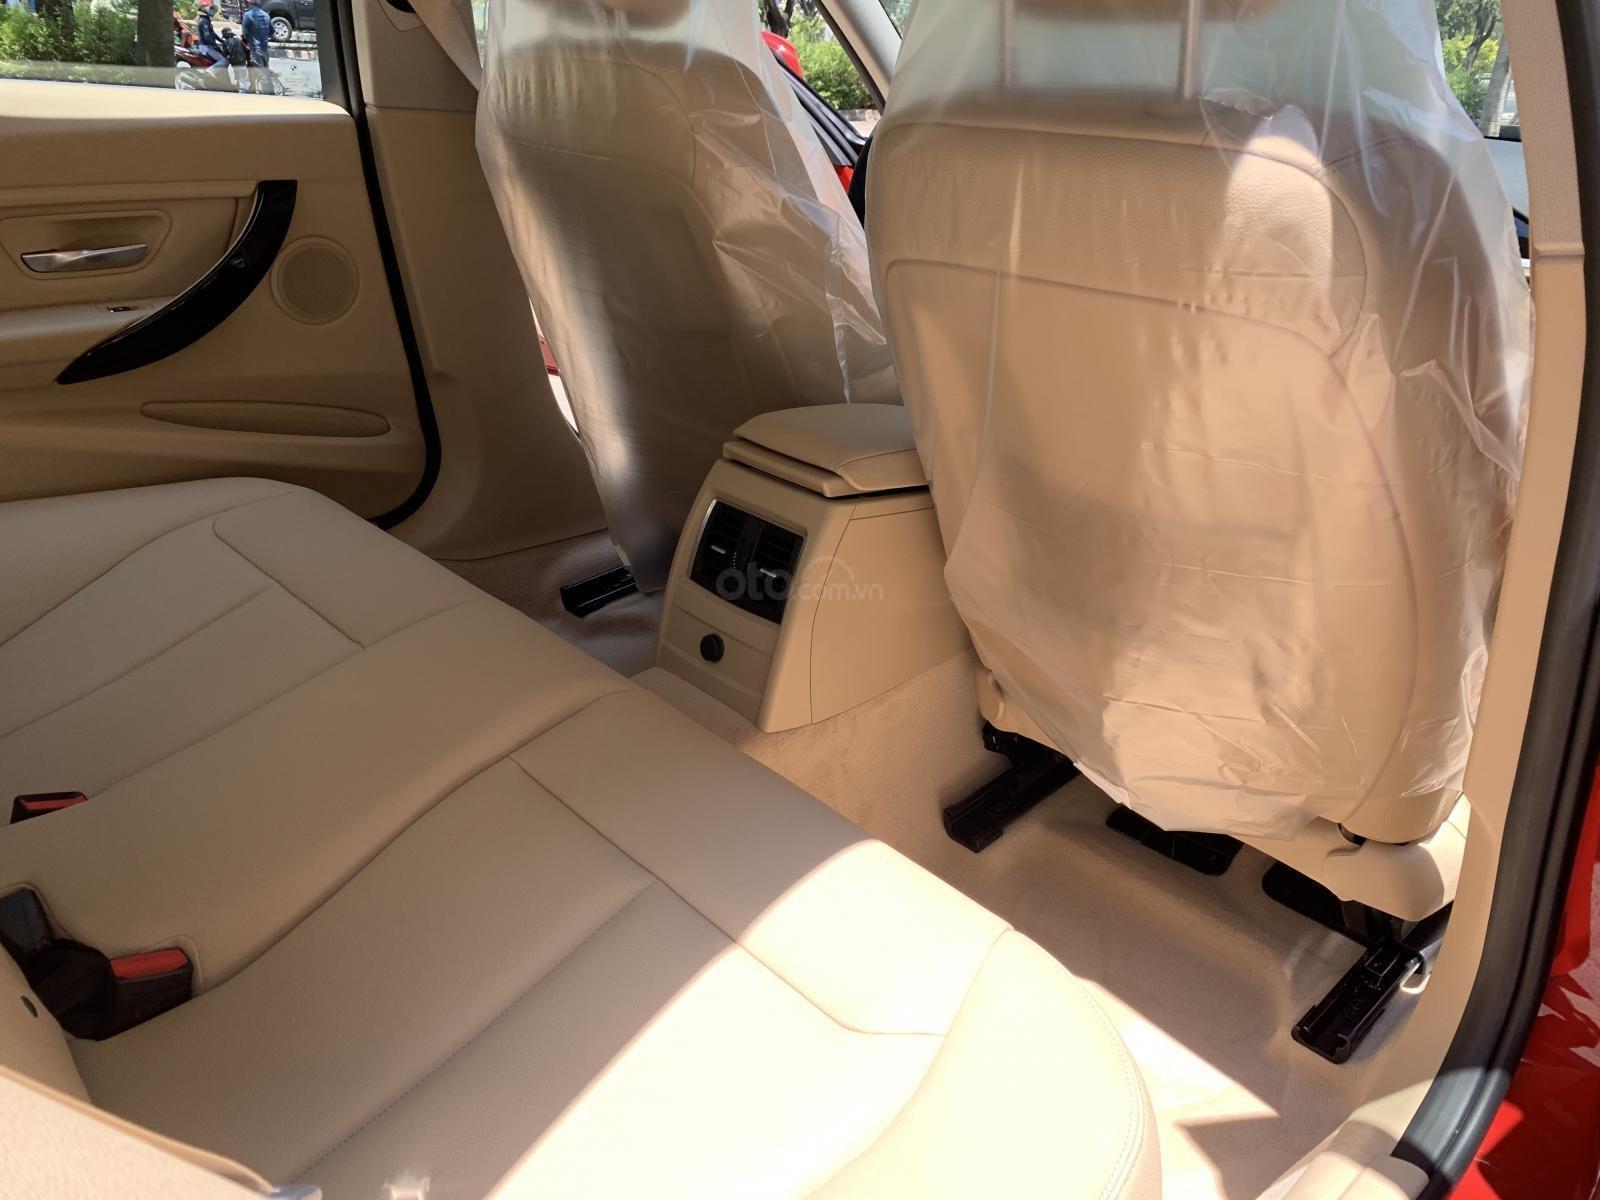 Đánh giá xe BMW 320i 2019 về thiết kế ghế ngồi.